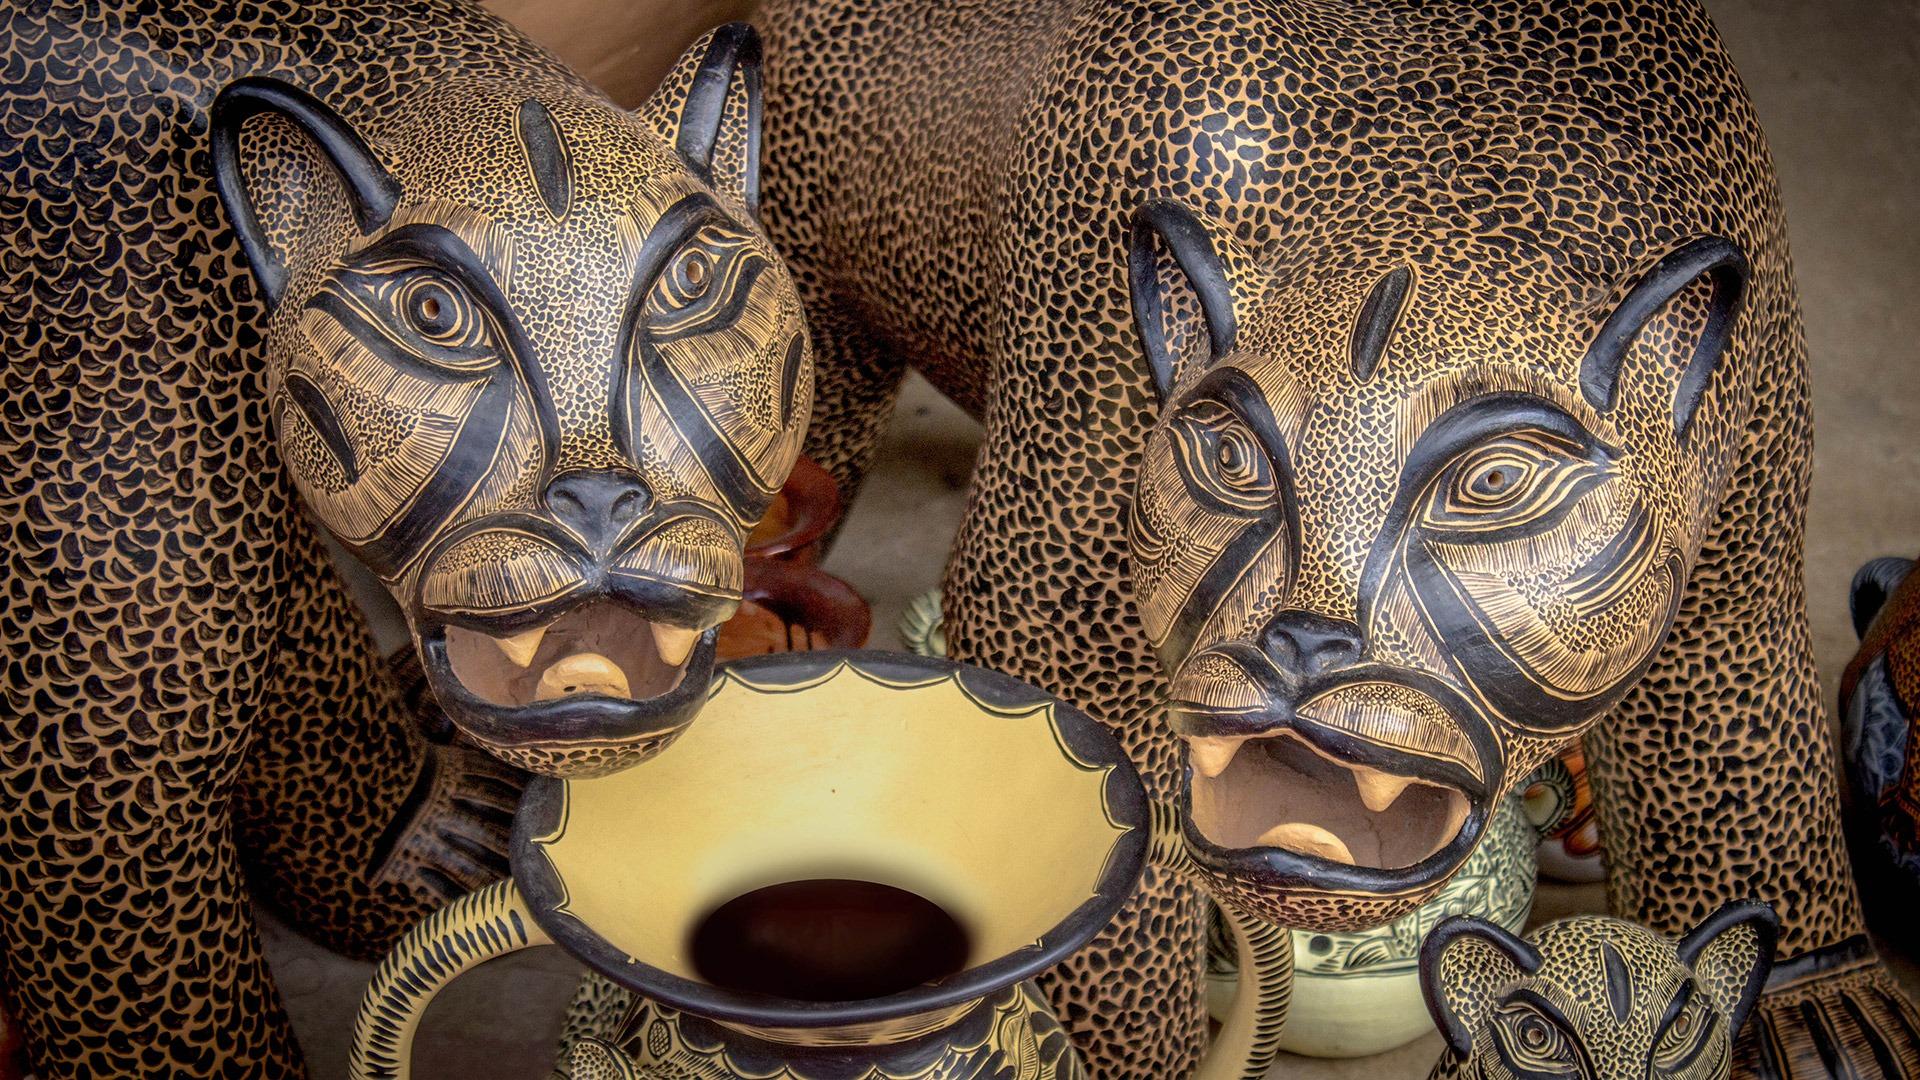 Painted jaguar ceramics in Amatenango del Valle, Mexico